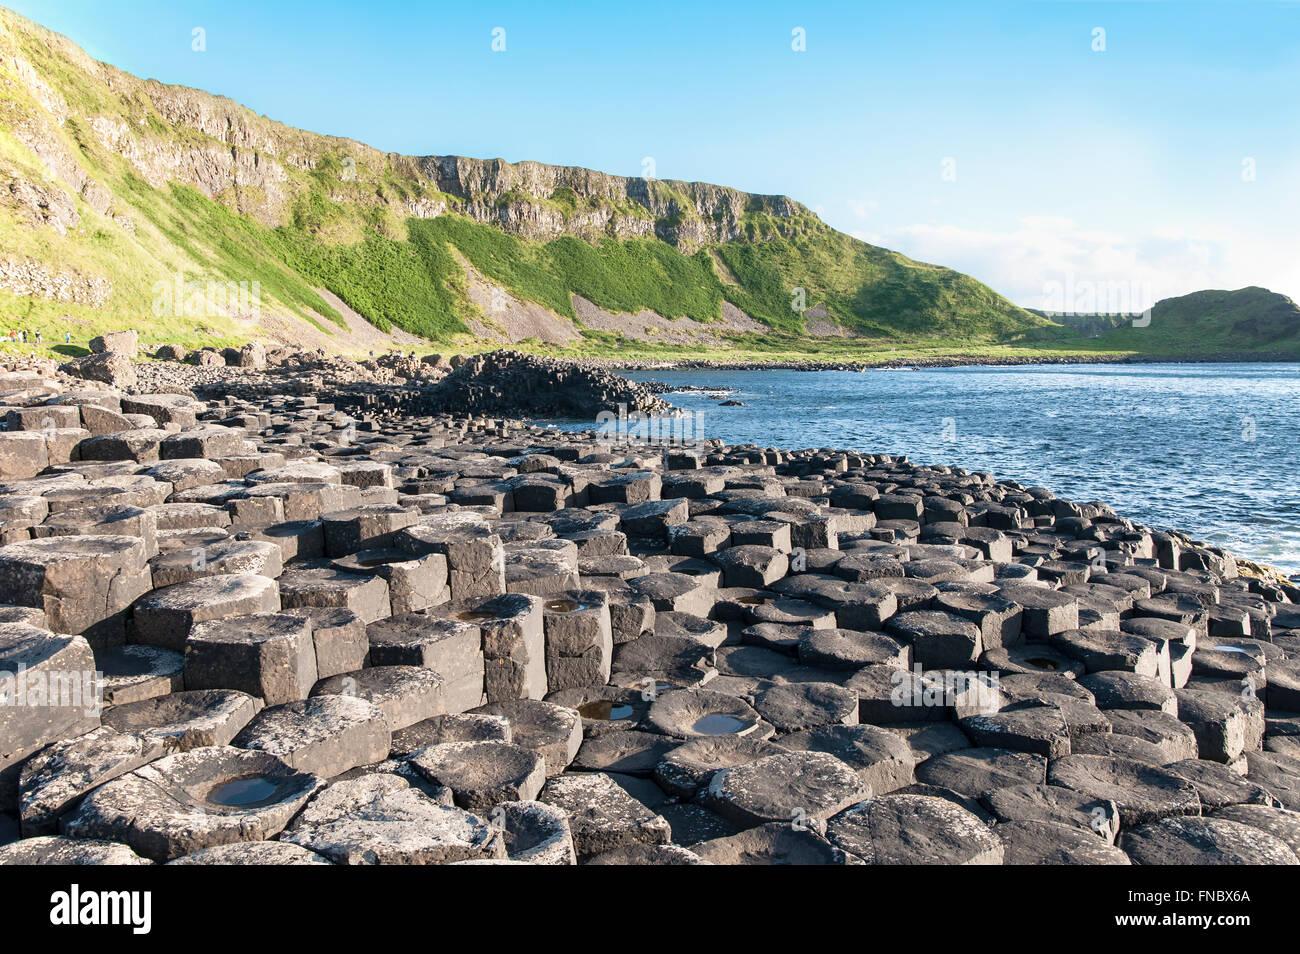 Giants Causeway, einzigartige geologische Formation von Felsen und Klippen im County Antrim, Nordirland, im Abendlicht Stockbild